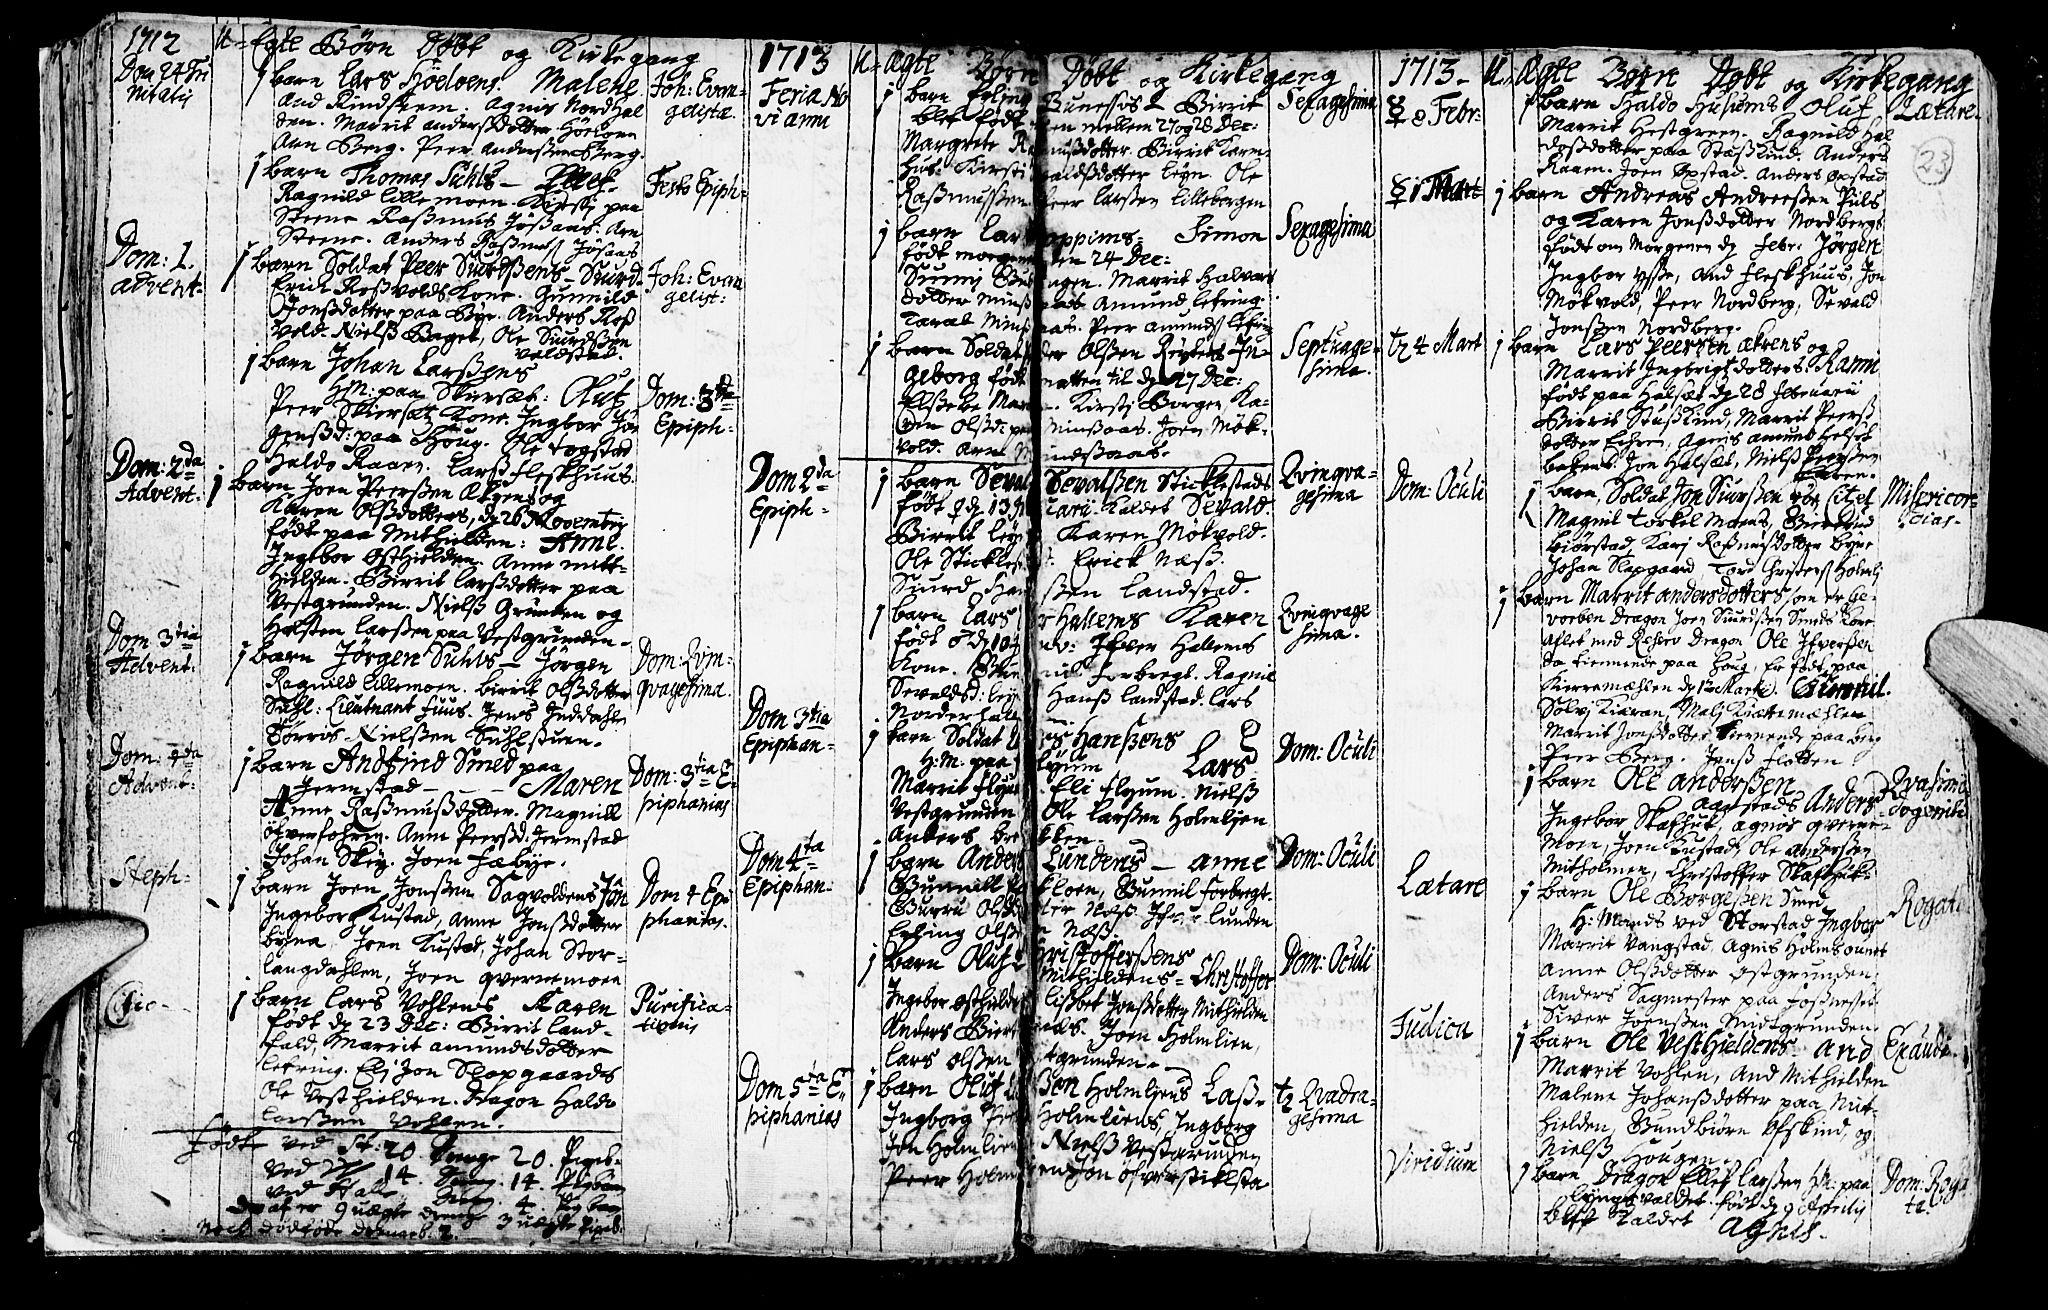 SAT, Ministerialprotokoller, klokkerbøker og fødselsregistre - Nord-Trøndelag, 723/L0230: Ministerialbok nr. 723A01, 1705-1747, s. 23